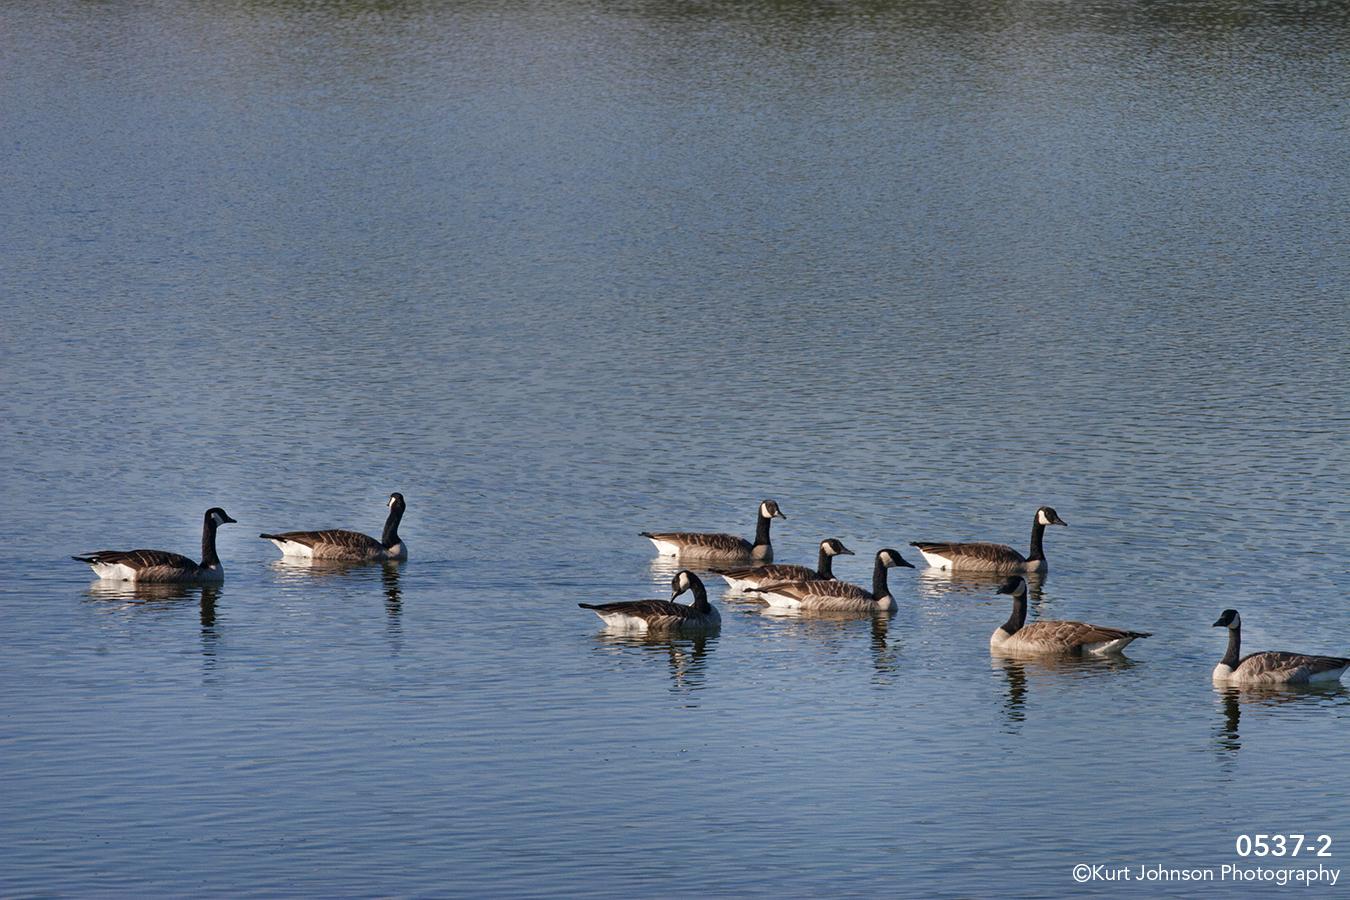 animals landscape water geese wildlife